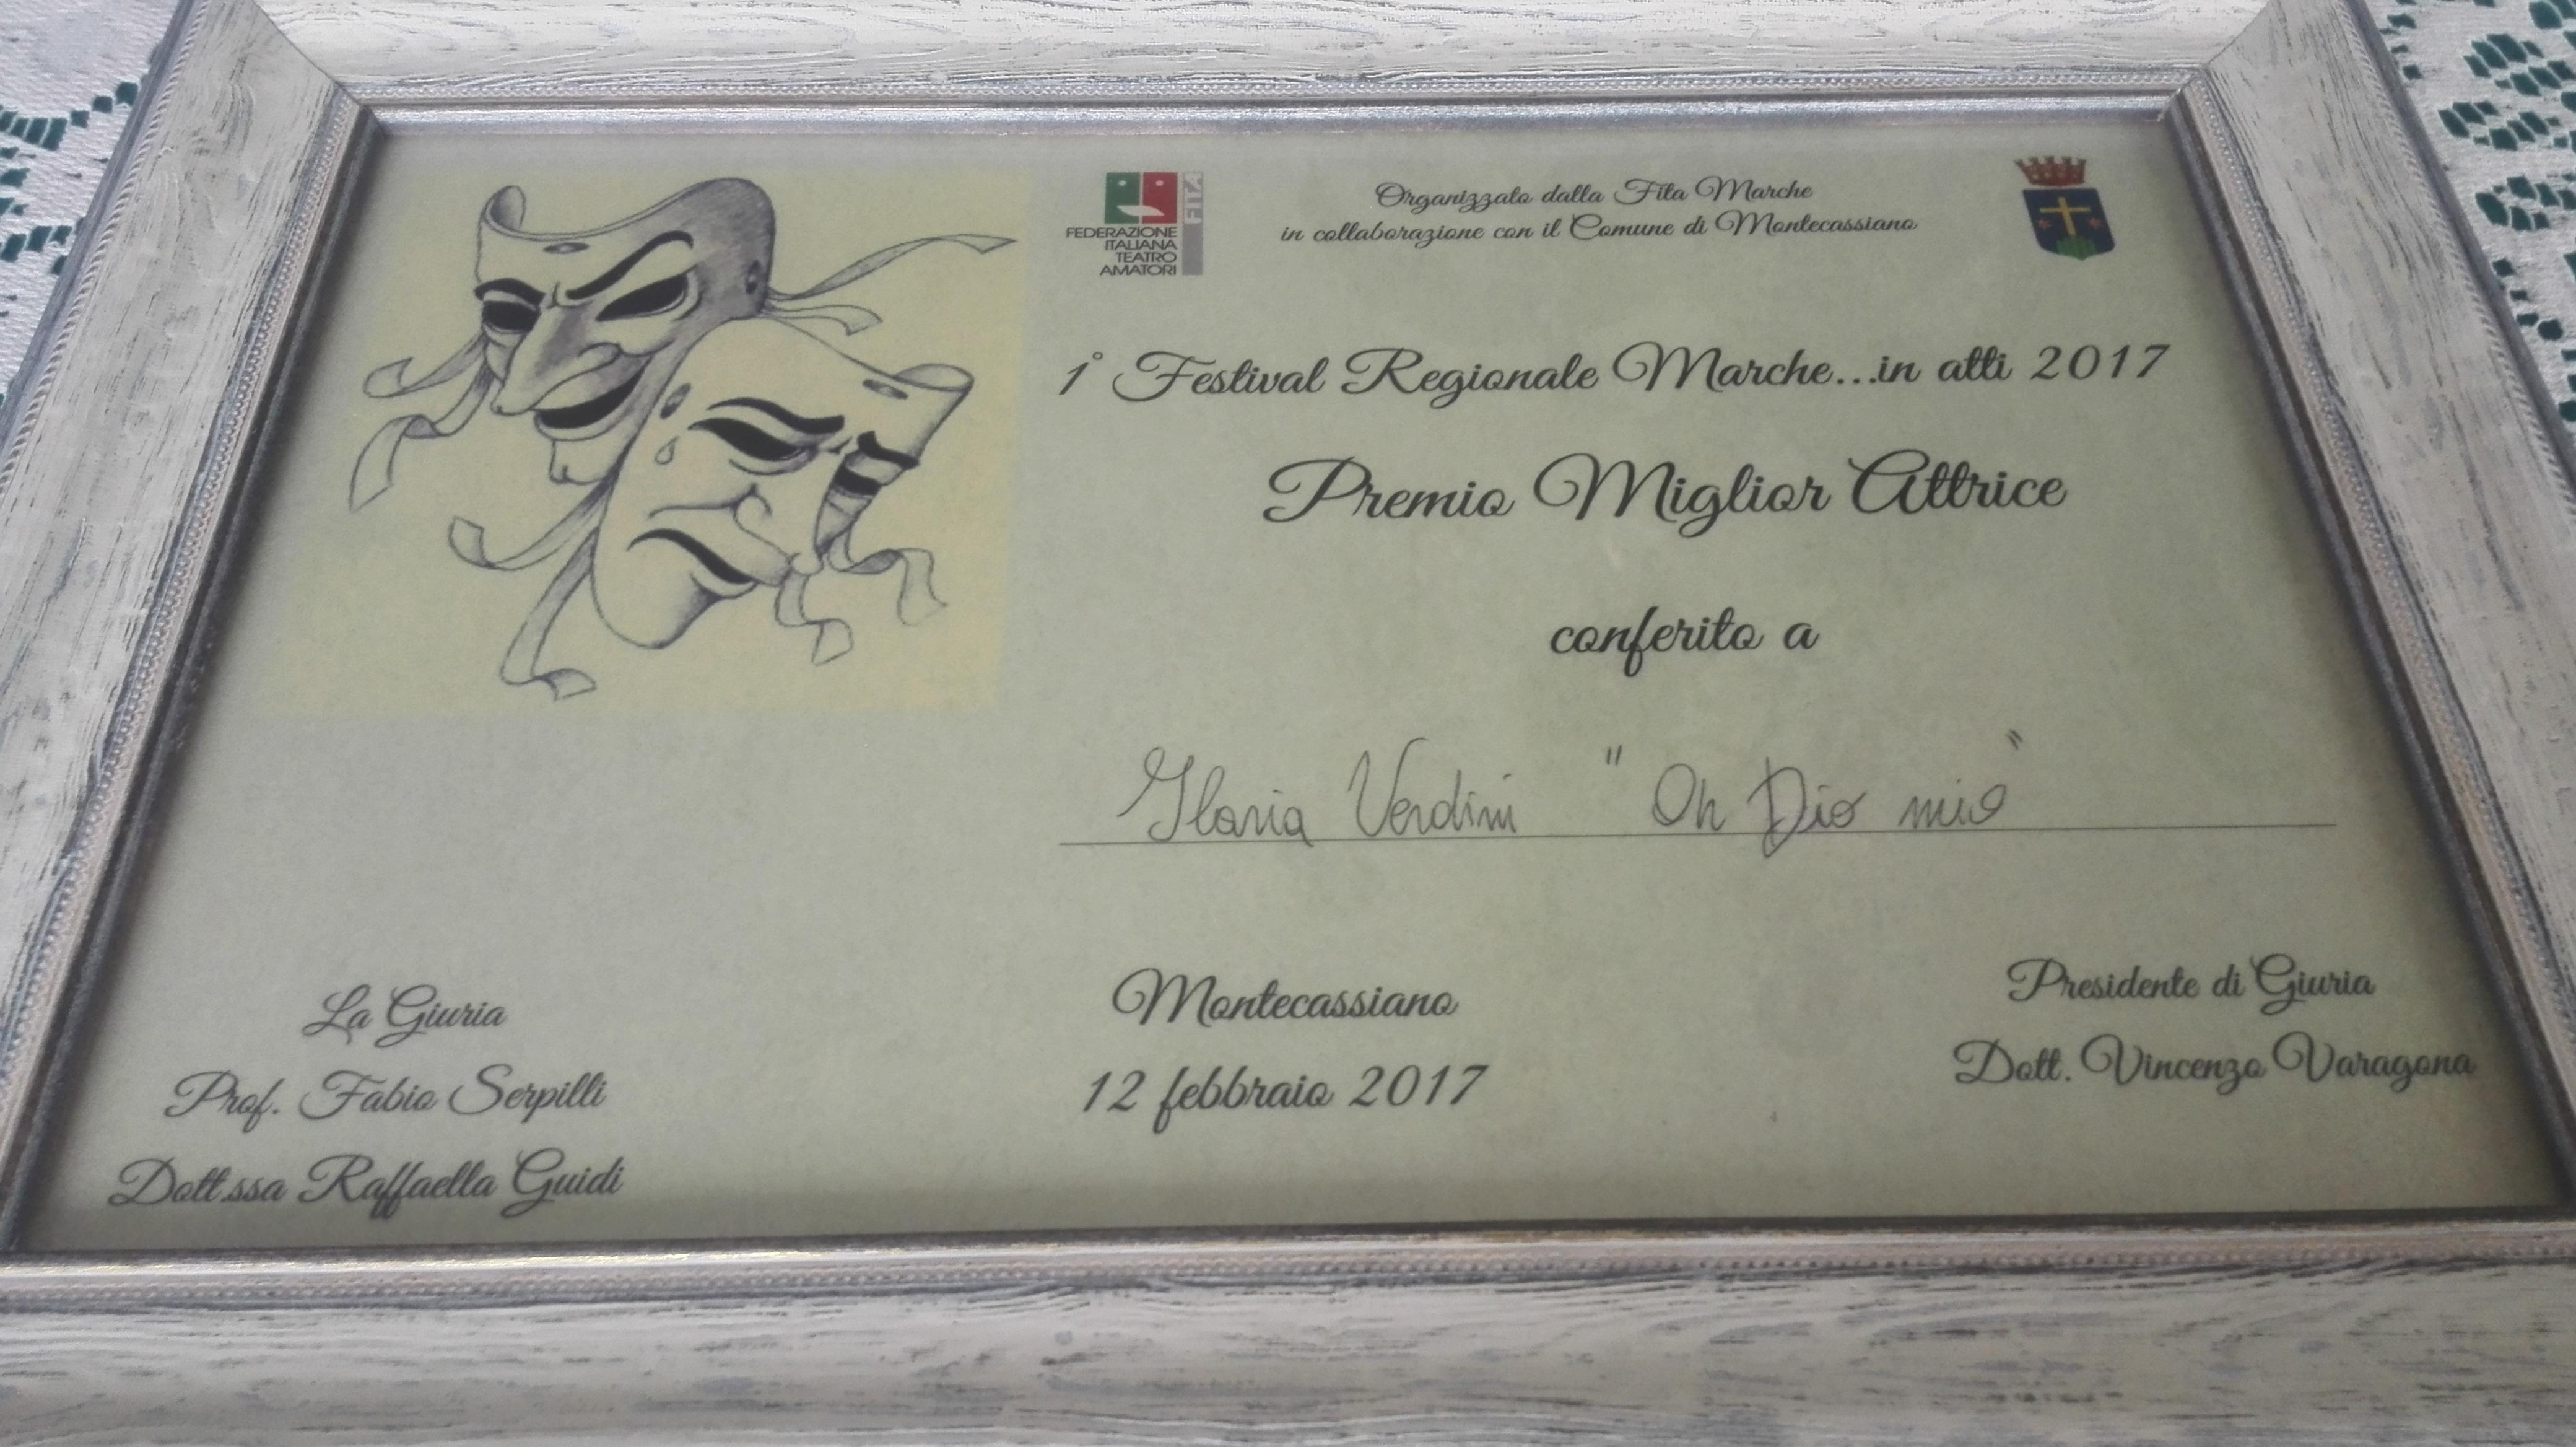 Premio miglior attrice protagonista (ex-aequo) al I Festival regionale Marche…in atti. (Oh Dio mio!)